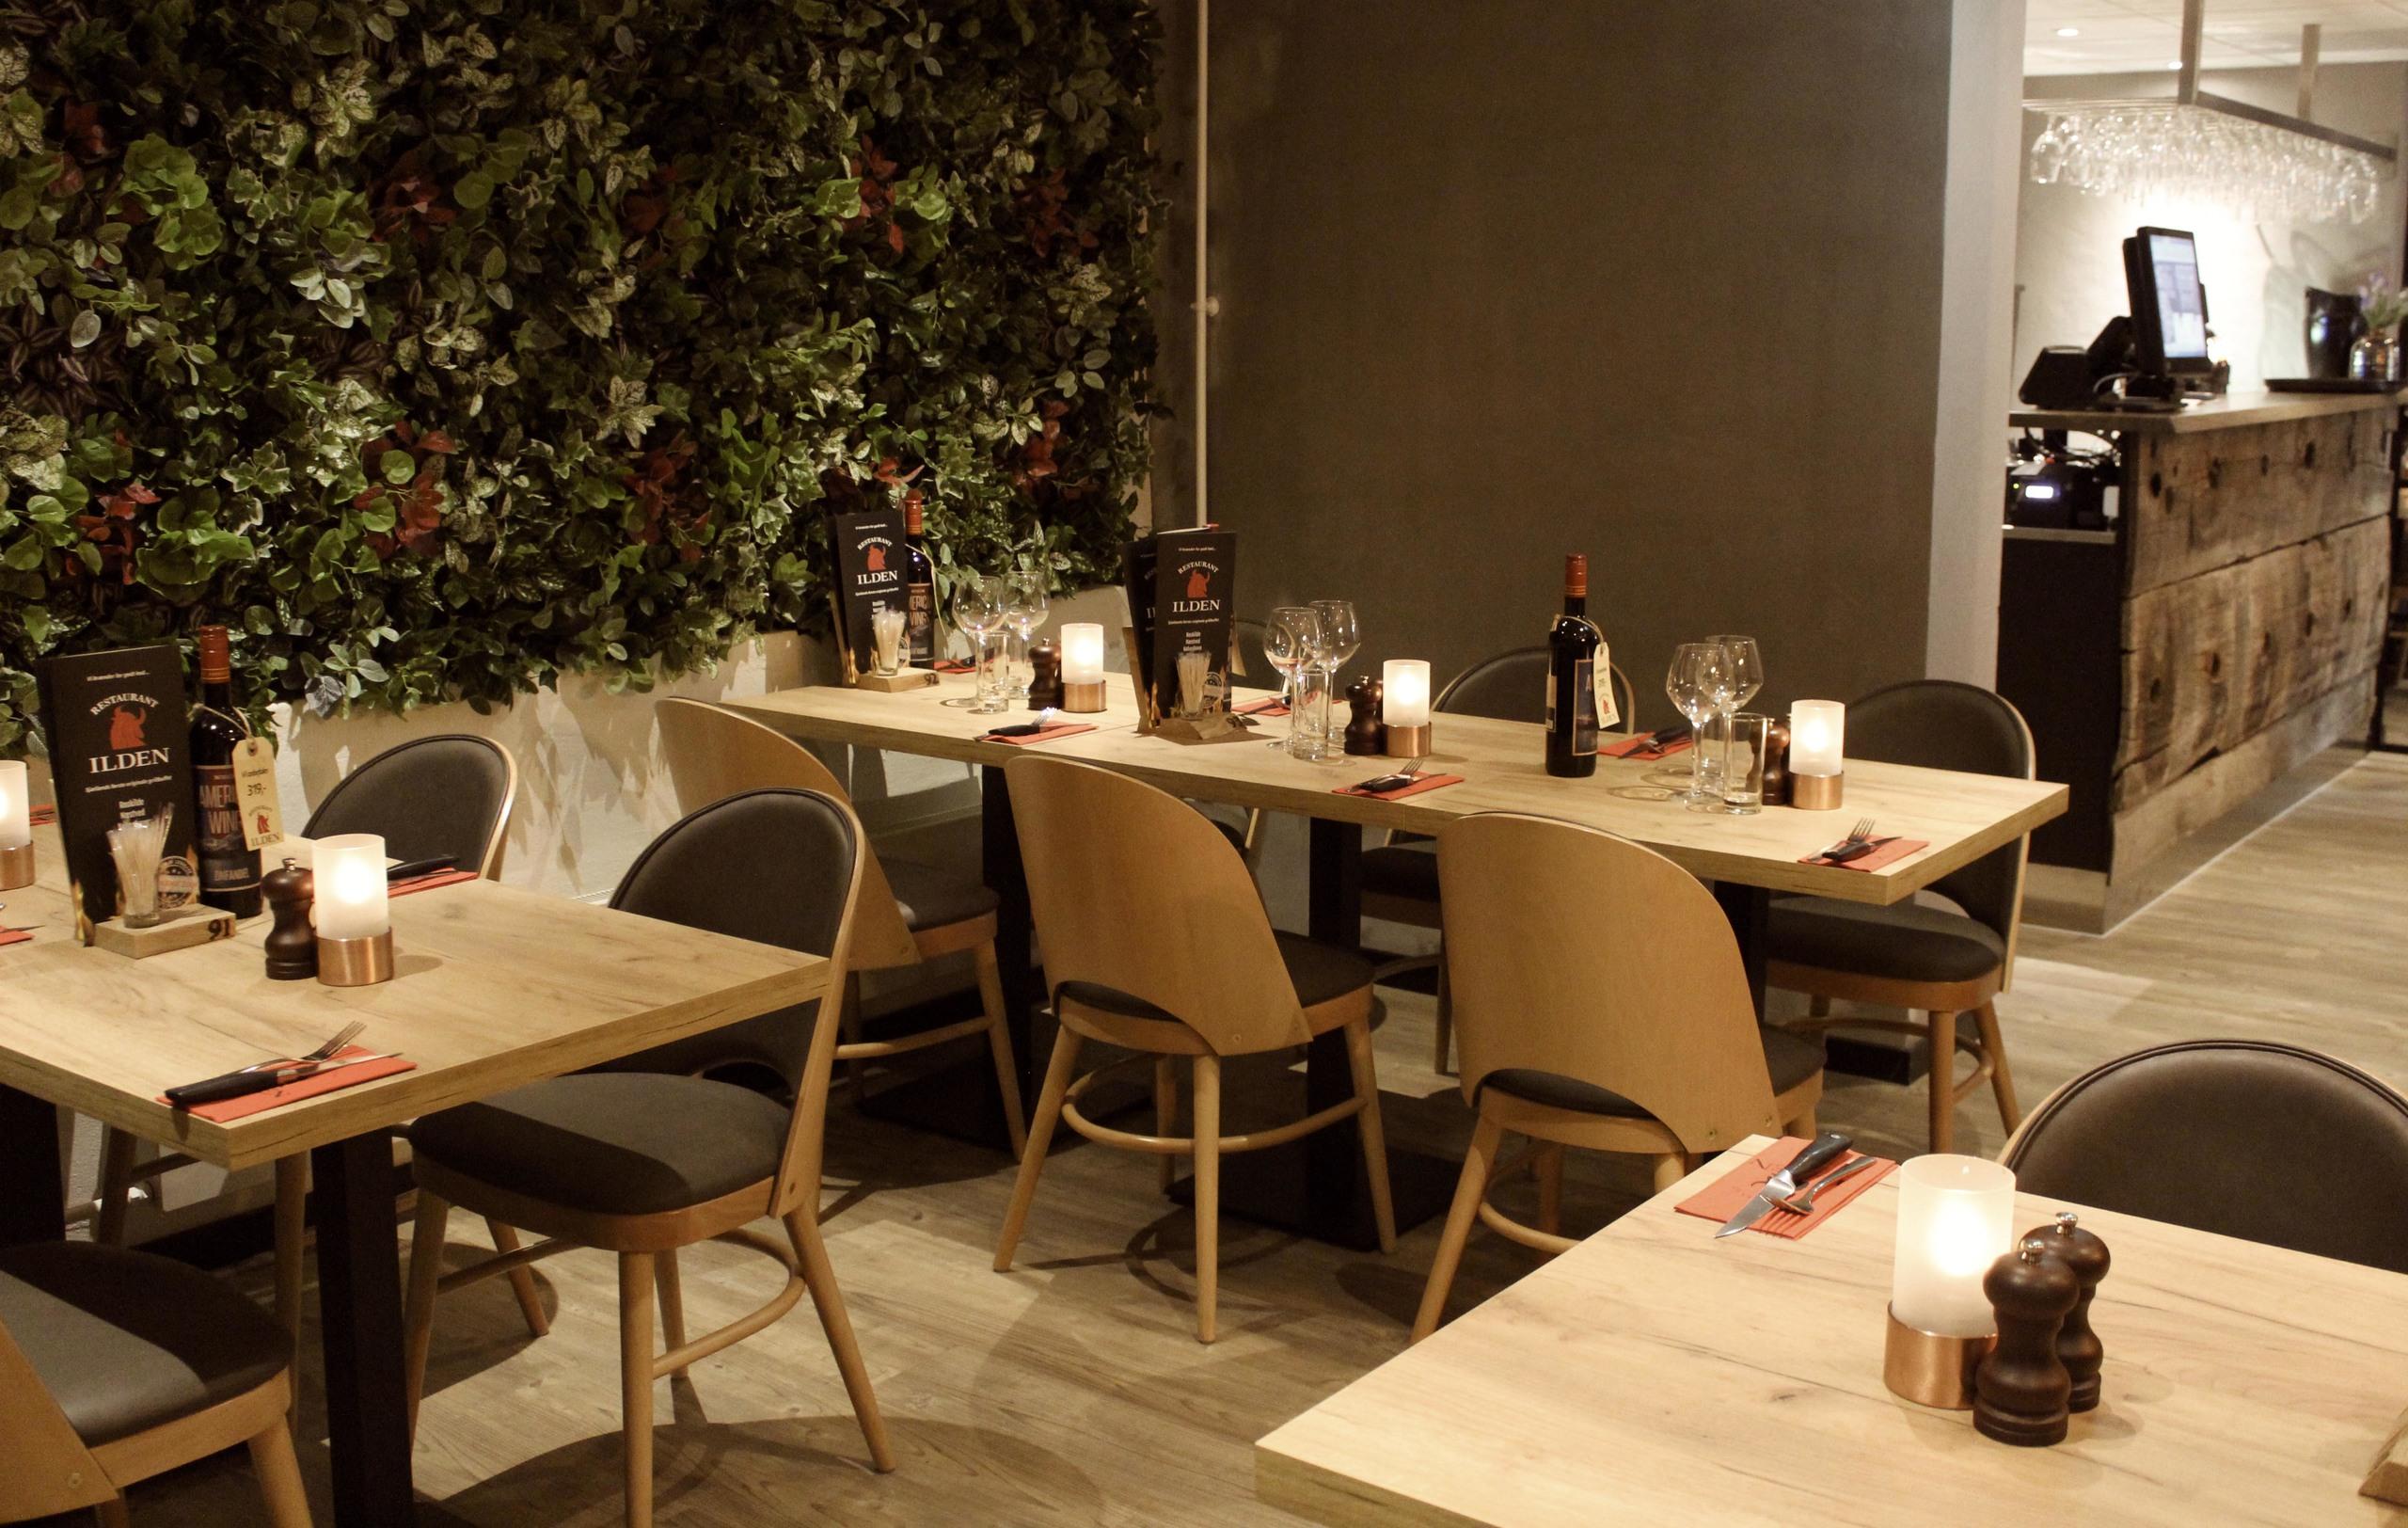 kbh-restaurant